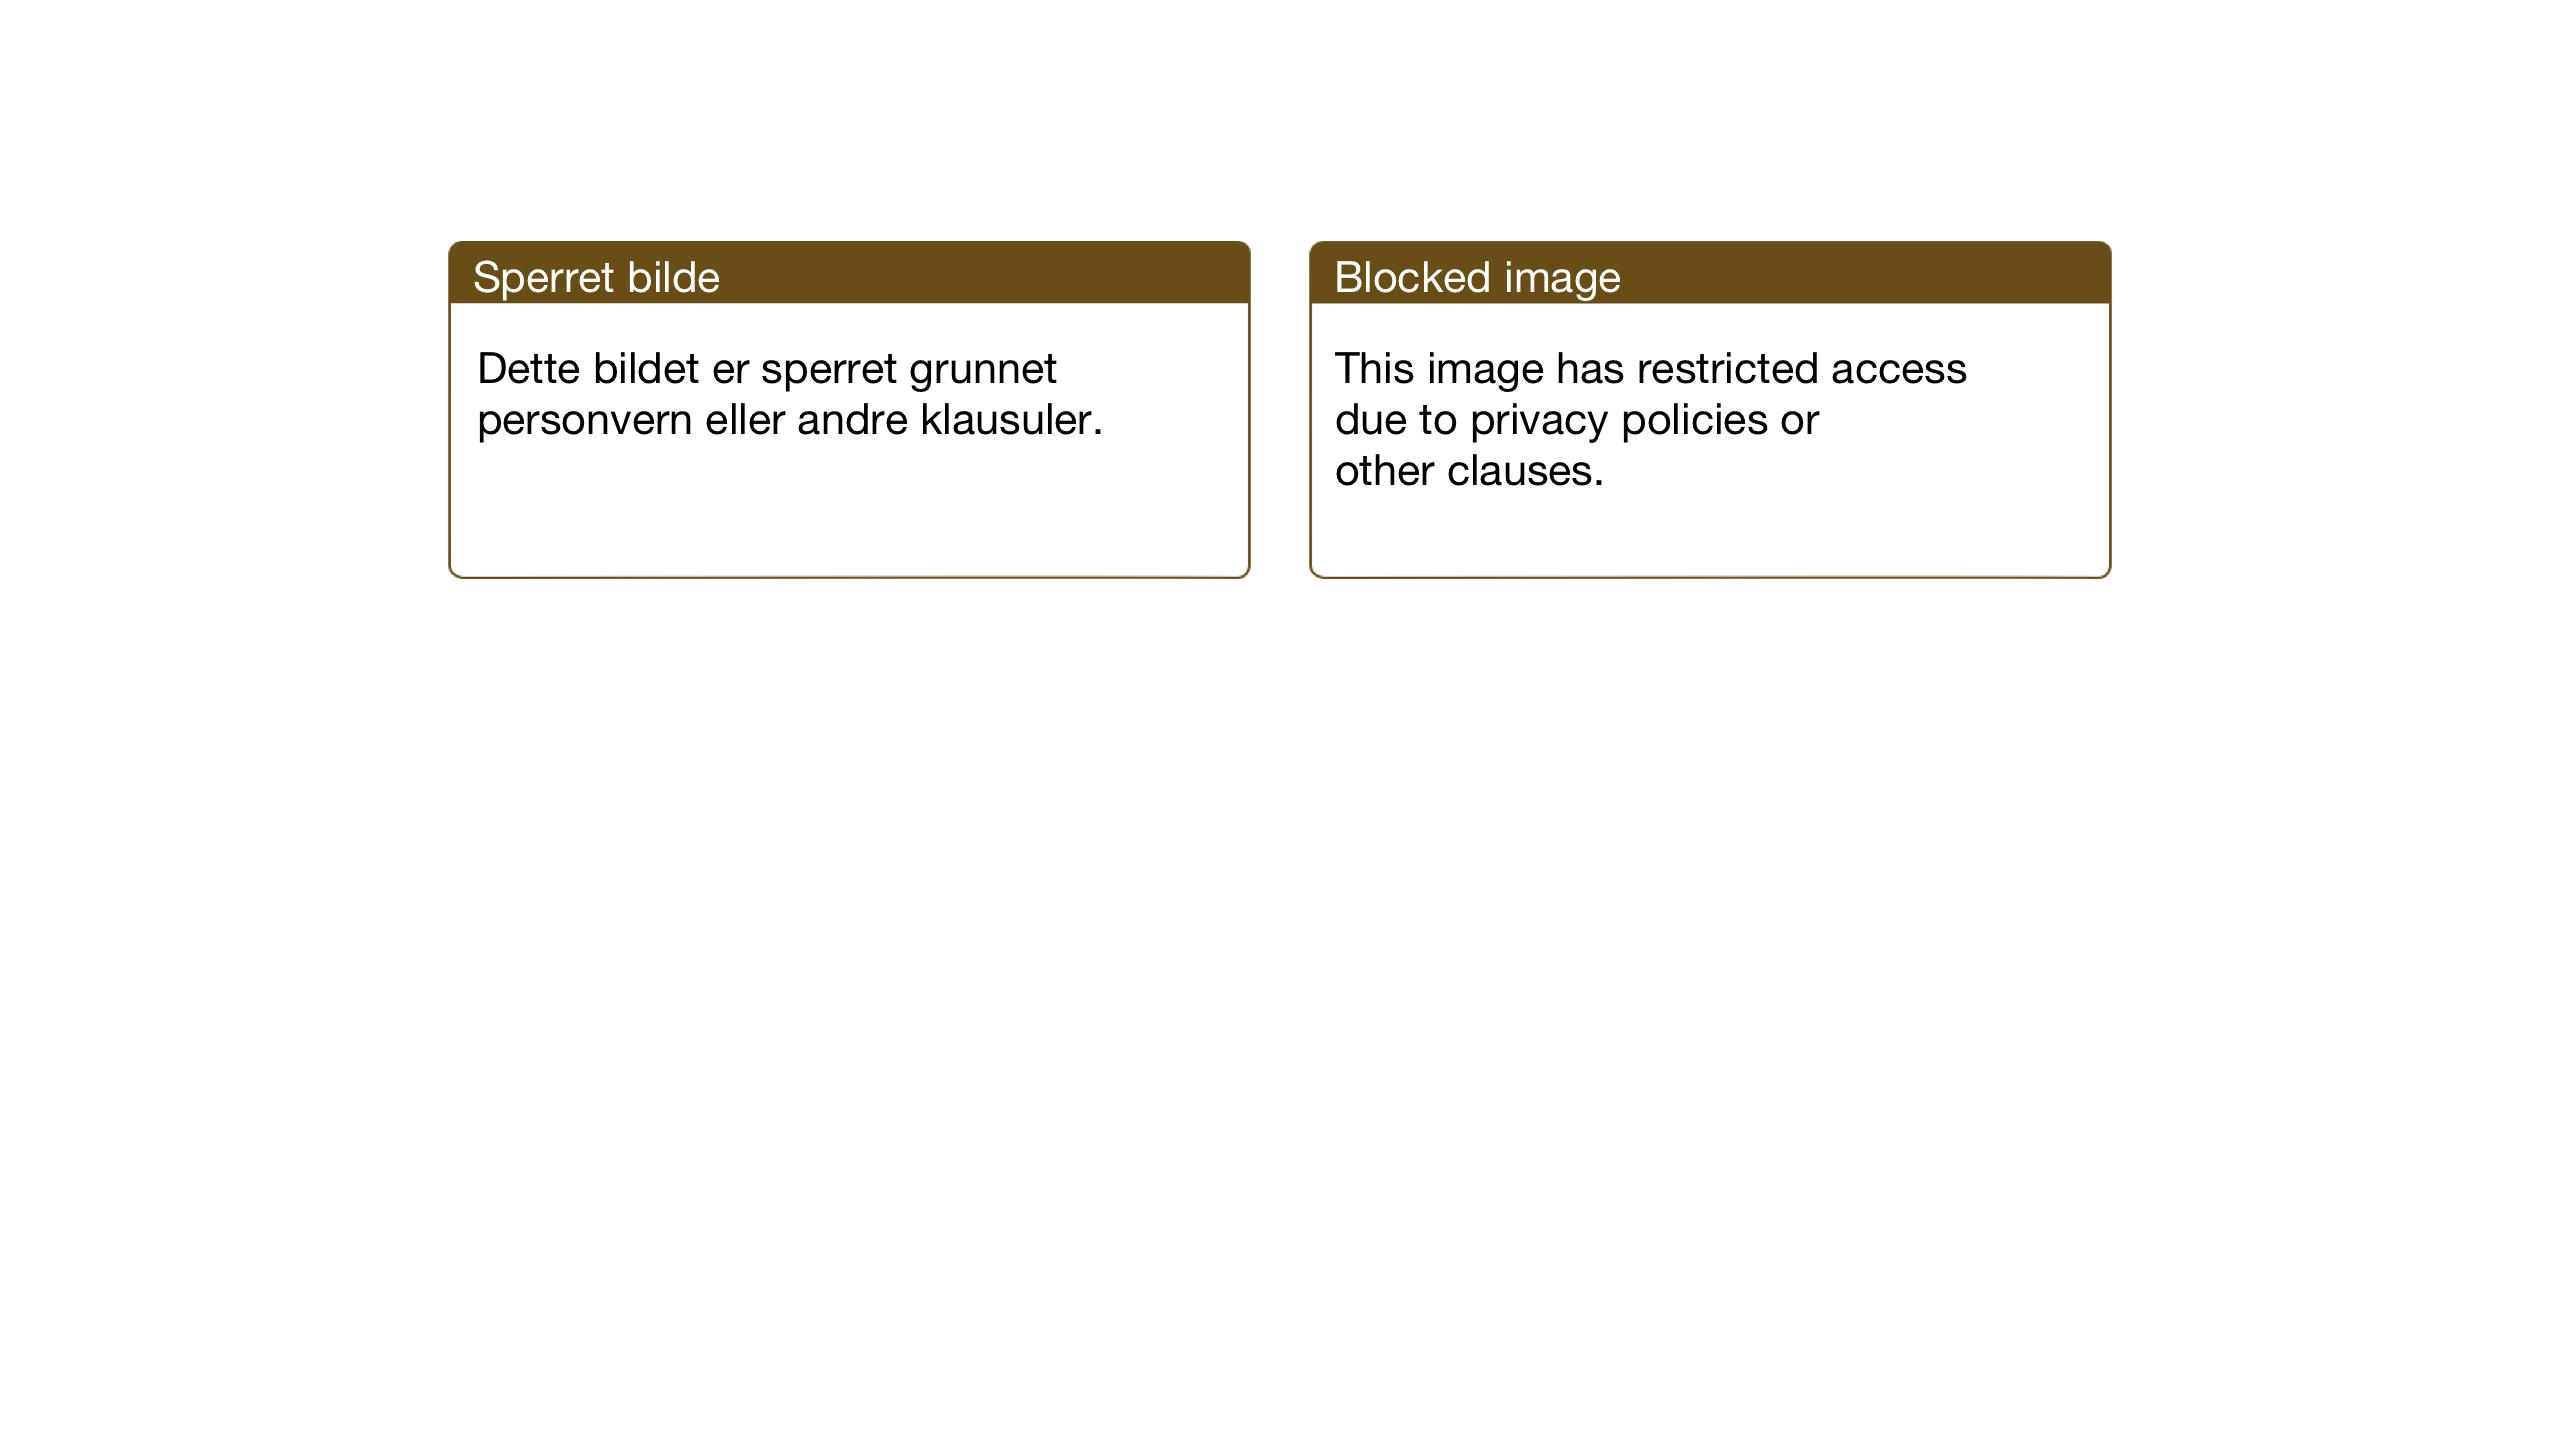 SAT, Ministerialprotokoller, klokkerbøker og fødselsregistre - Nord-Trøndelag, 755/L0500: Klokkerbok nr. 755C01, 1920-1962, s. 70